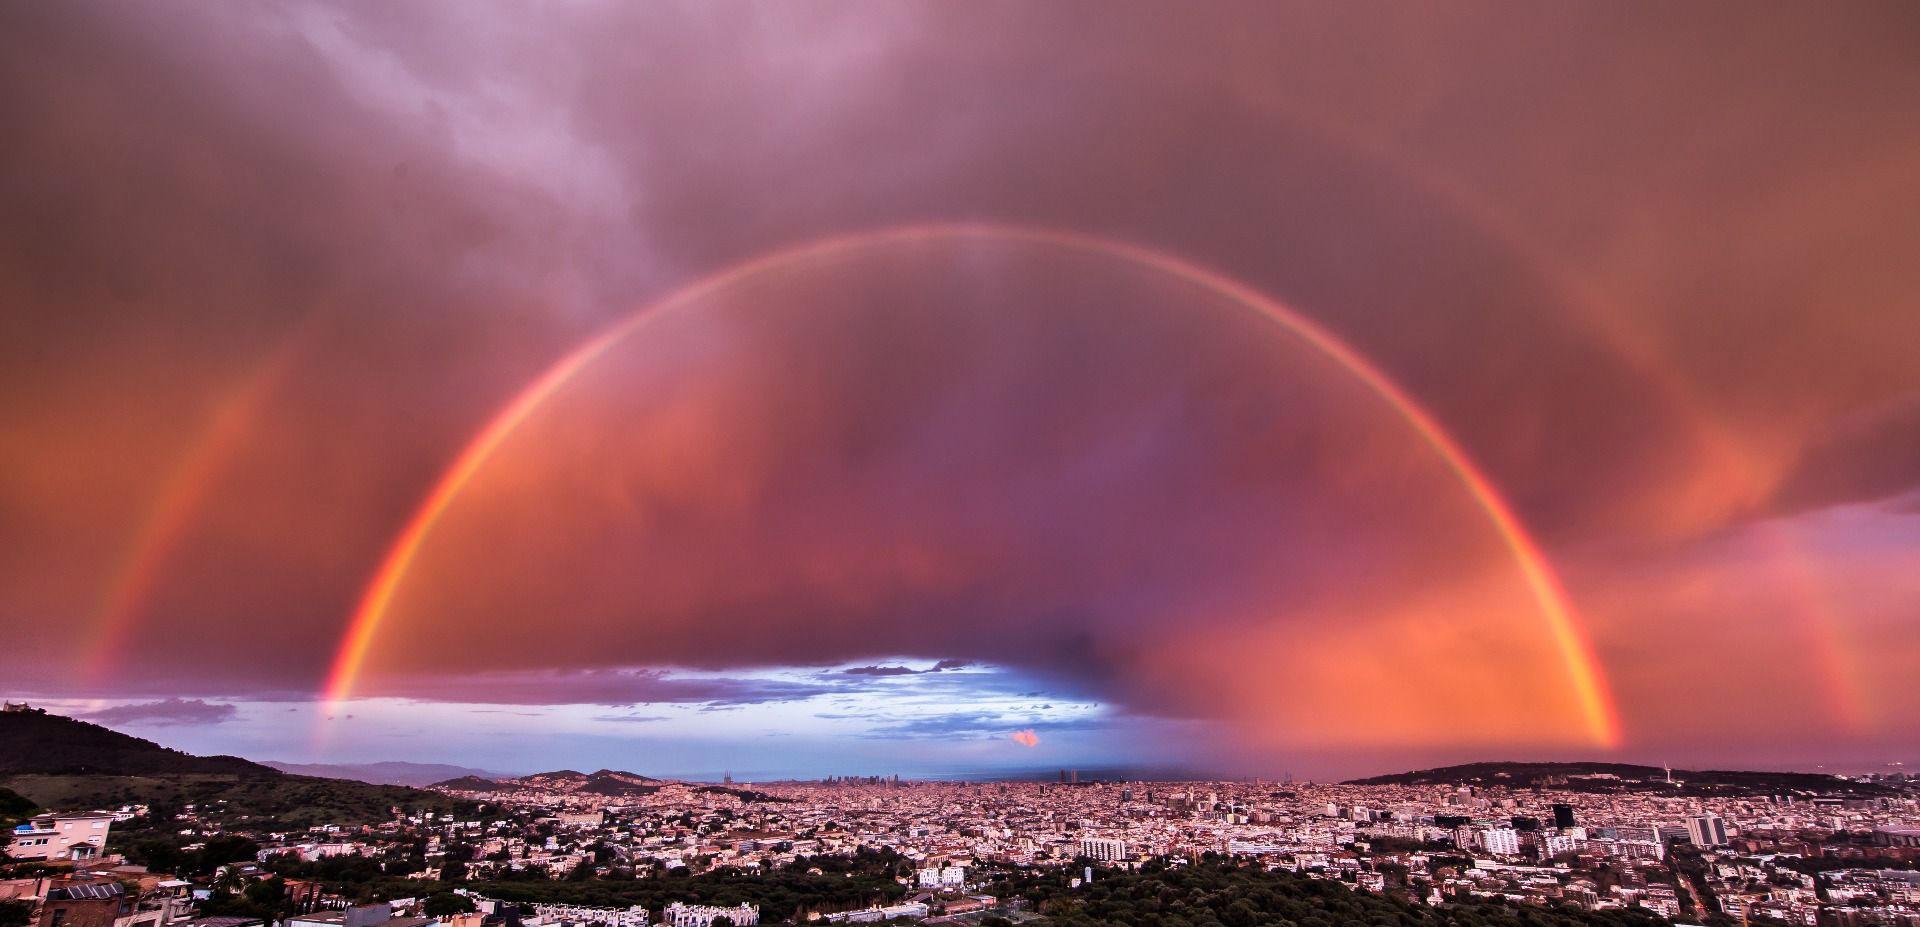 Двойная радуга над Барселоной на закате, © Карлос Кастильехо, Фотоконкурс «Погодный фотограф года» — Weather Photographer of the Year